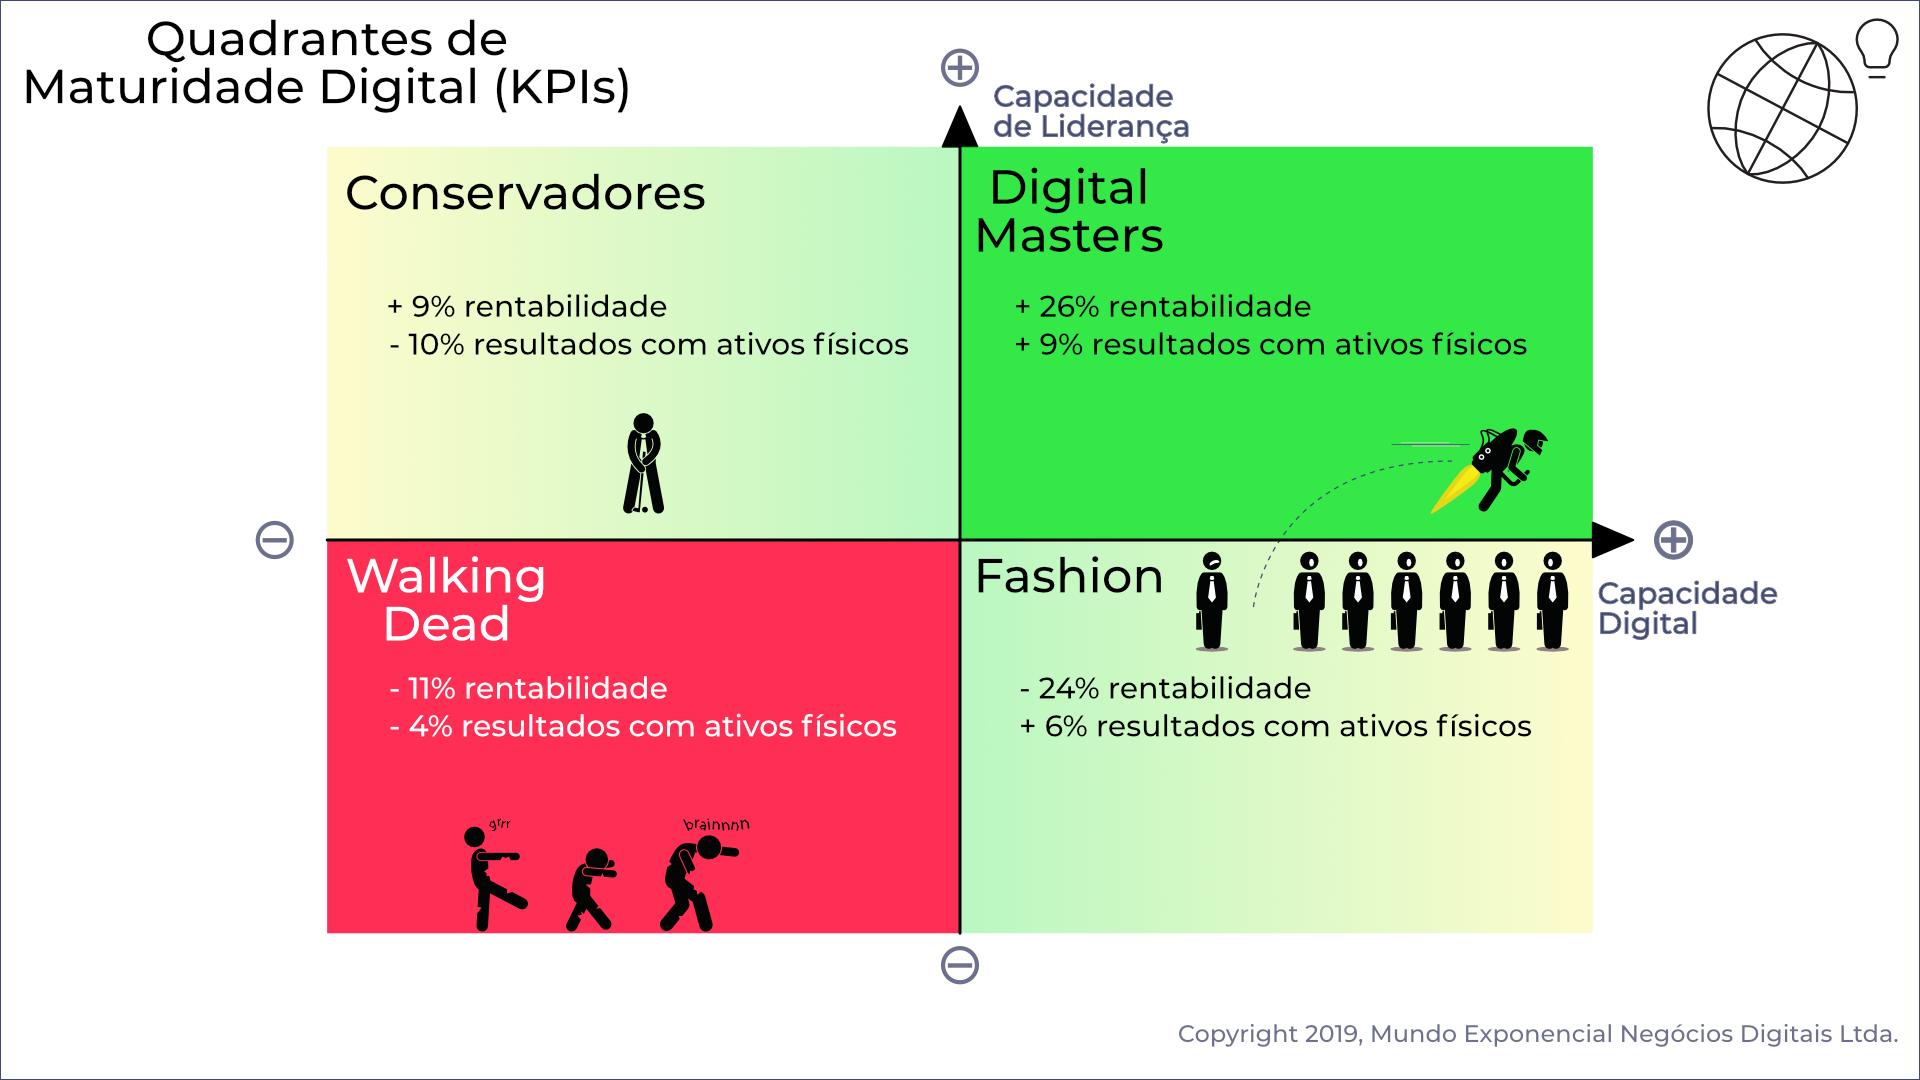 Quadrantes de maturidade digital KPIs.png